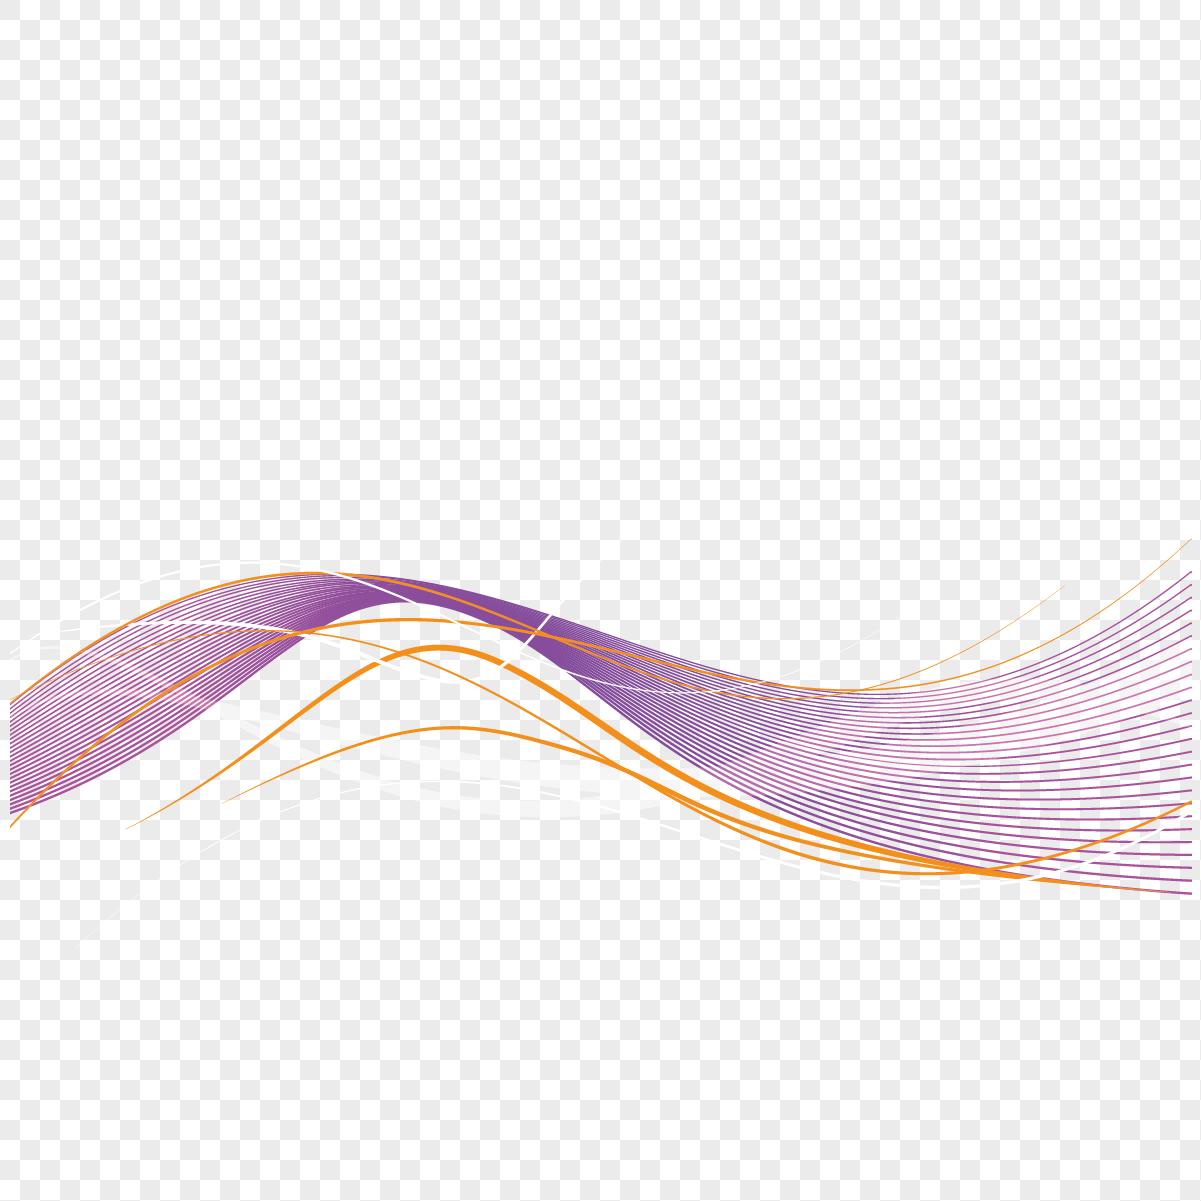 紫色の波線イメージ_グラフィックス Id 400782710_PRF画像フォーマットpng_jp.lovepik.com